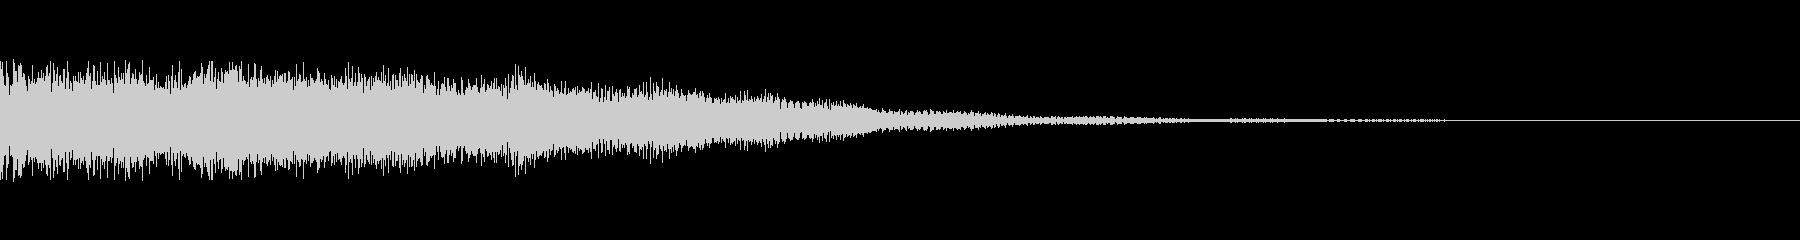 カジノシステムUI  クレジット投入音の未再生の波形